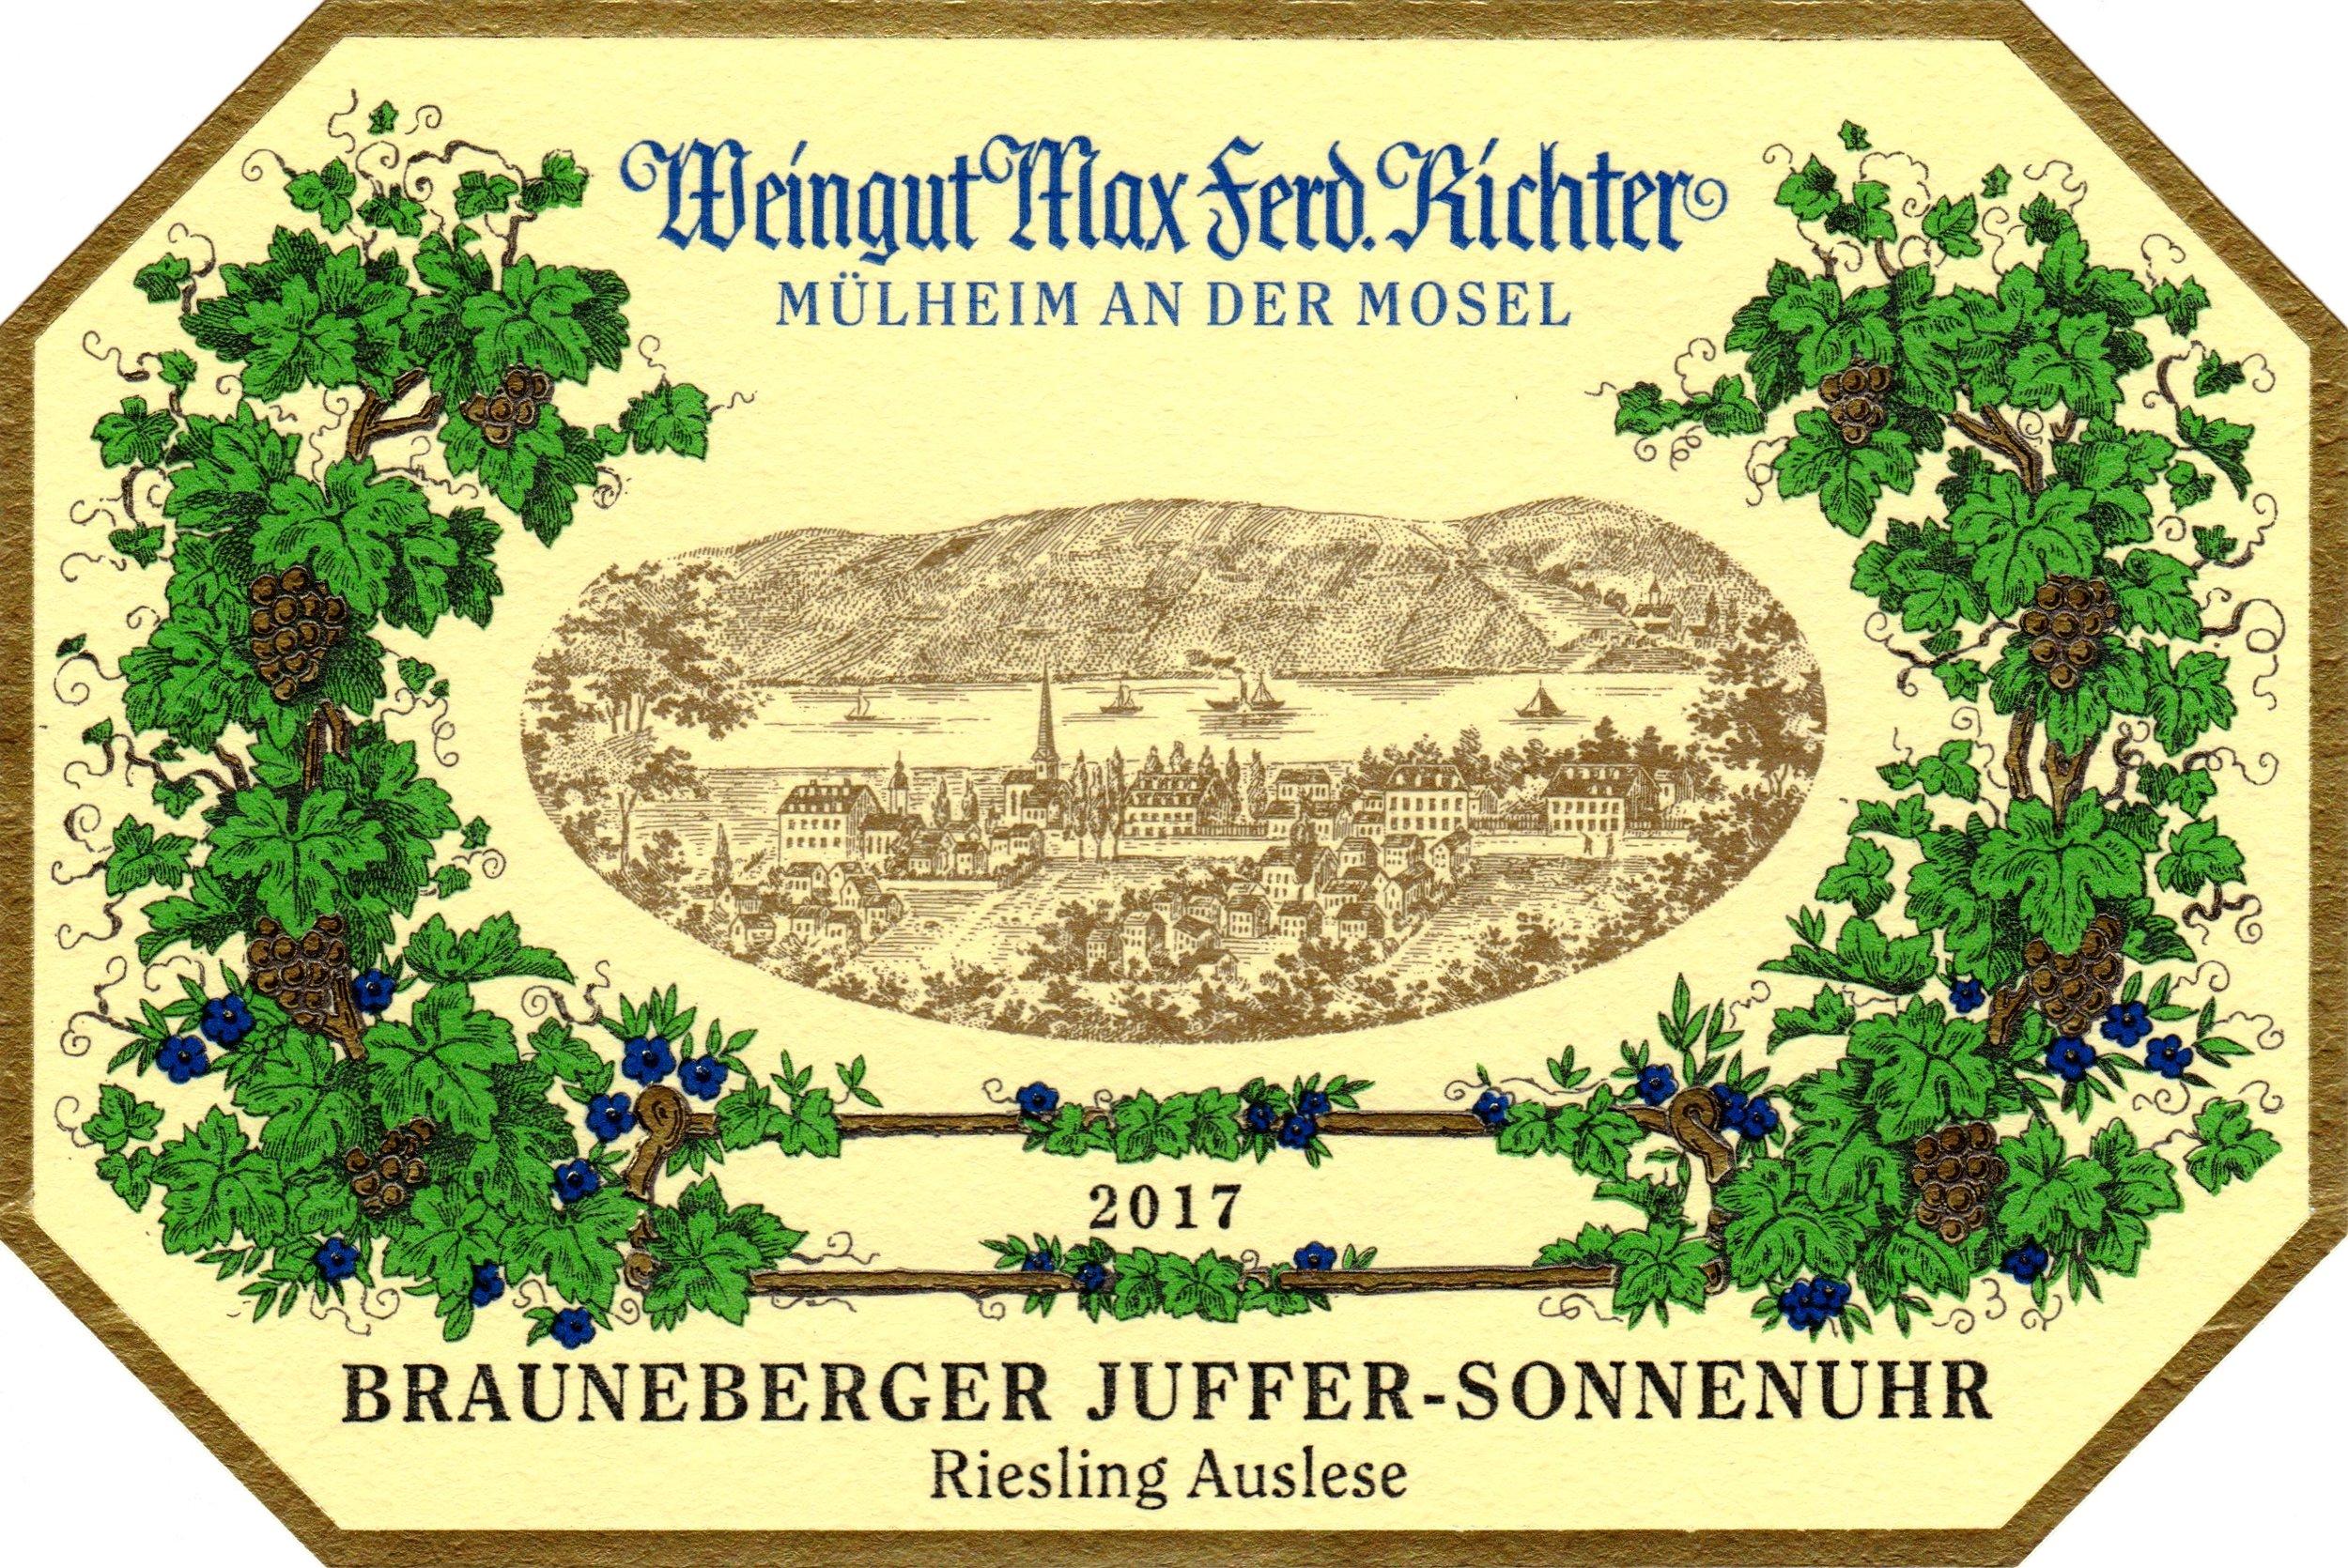 2017 Brauneberger Juffer-Sonnenuhr Auslese.jpg